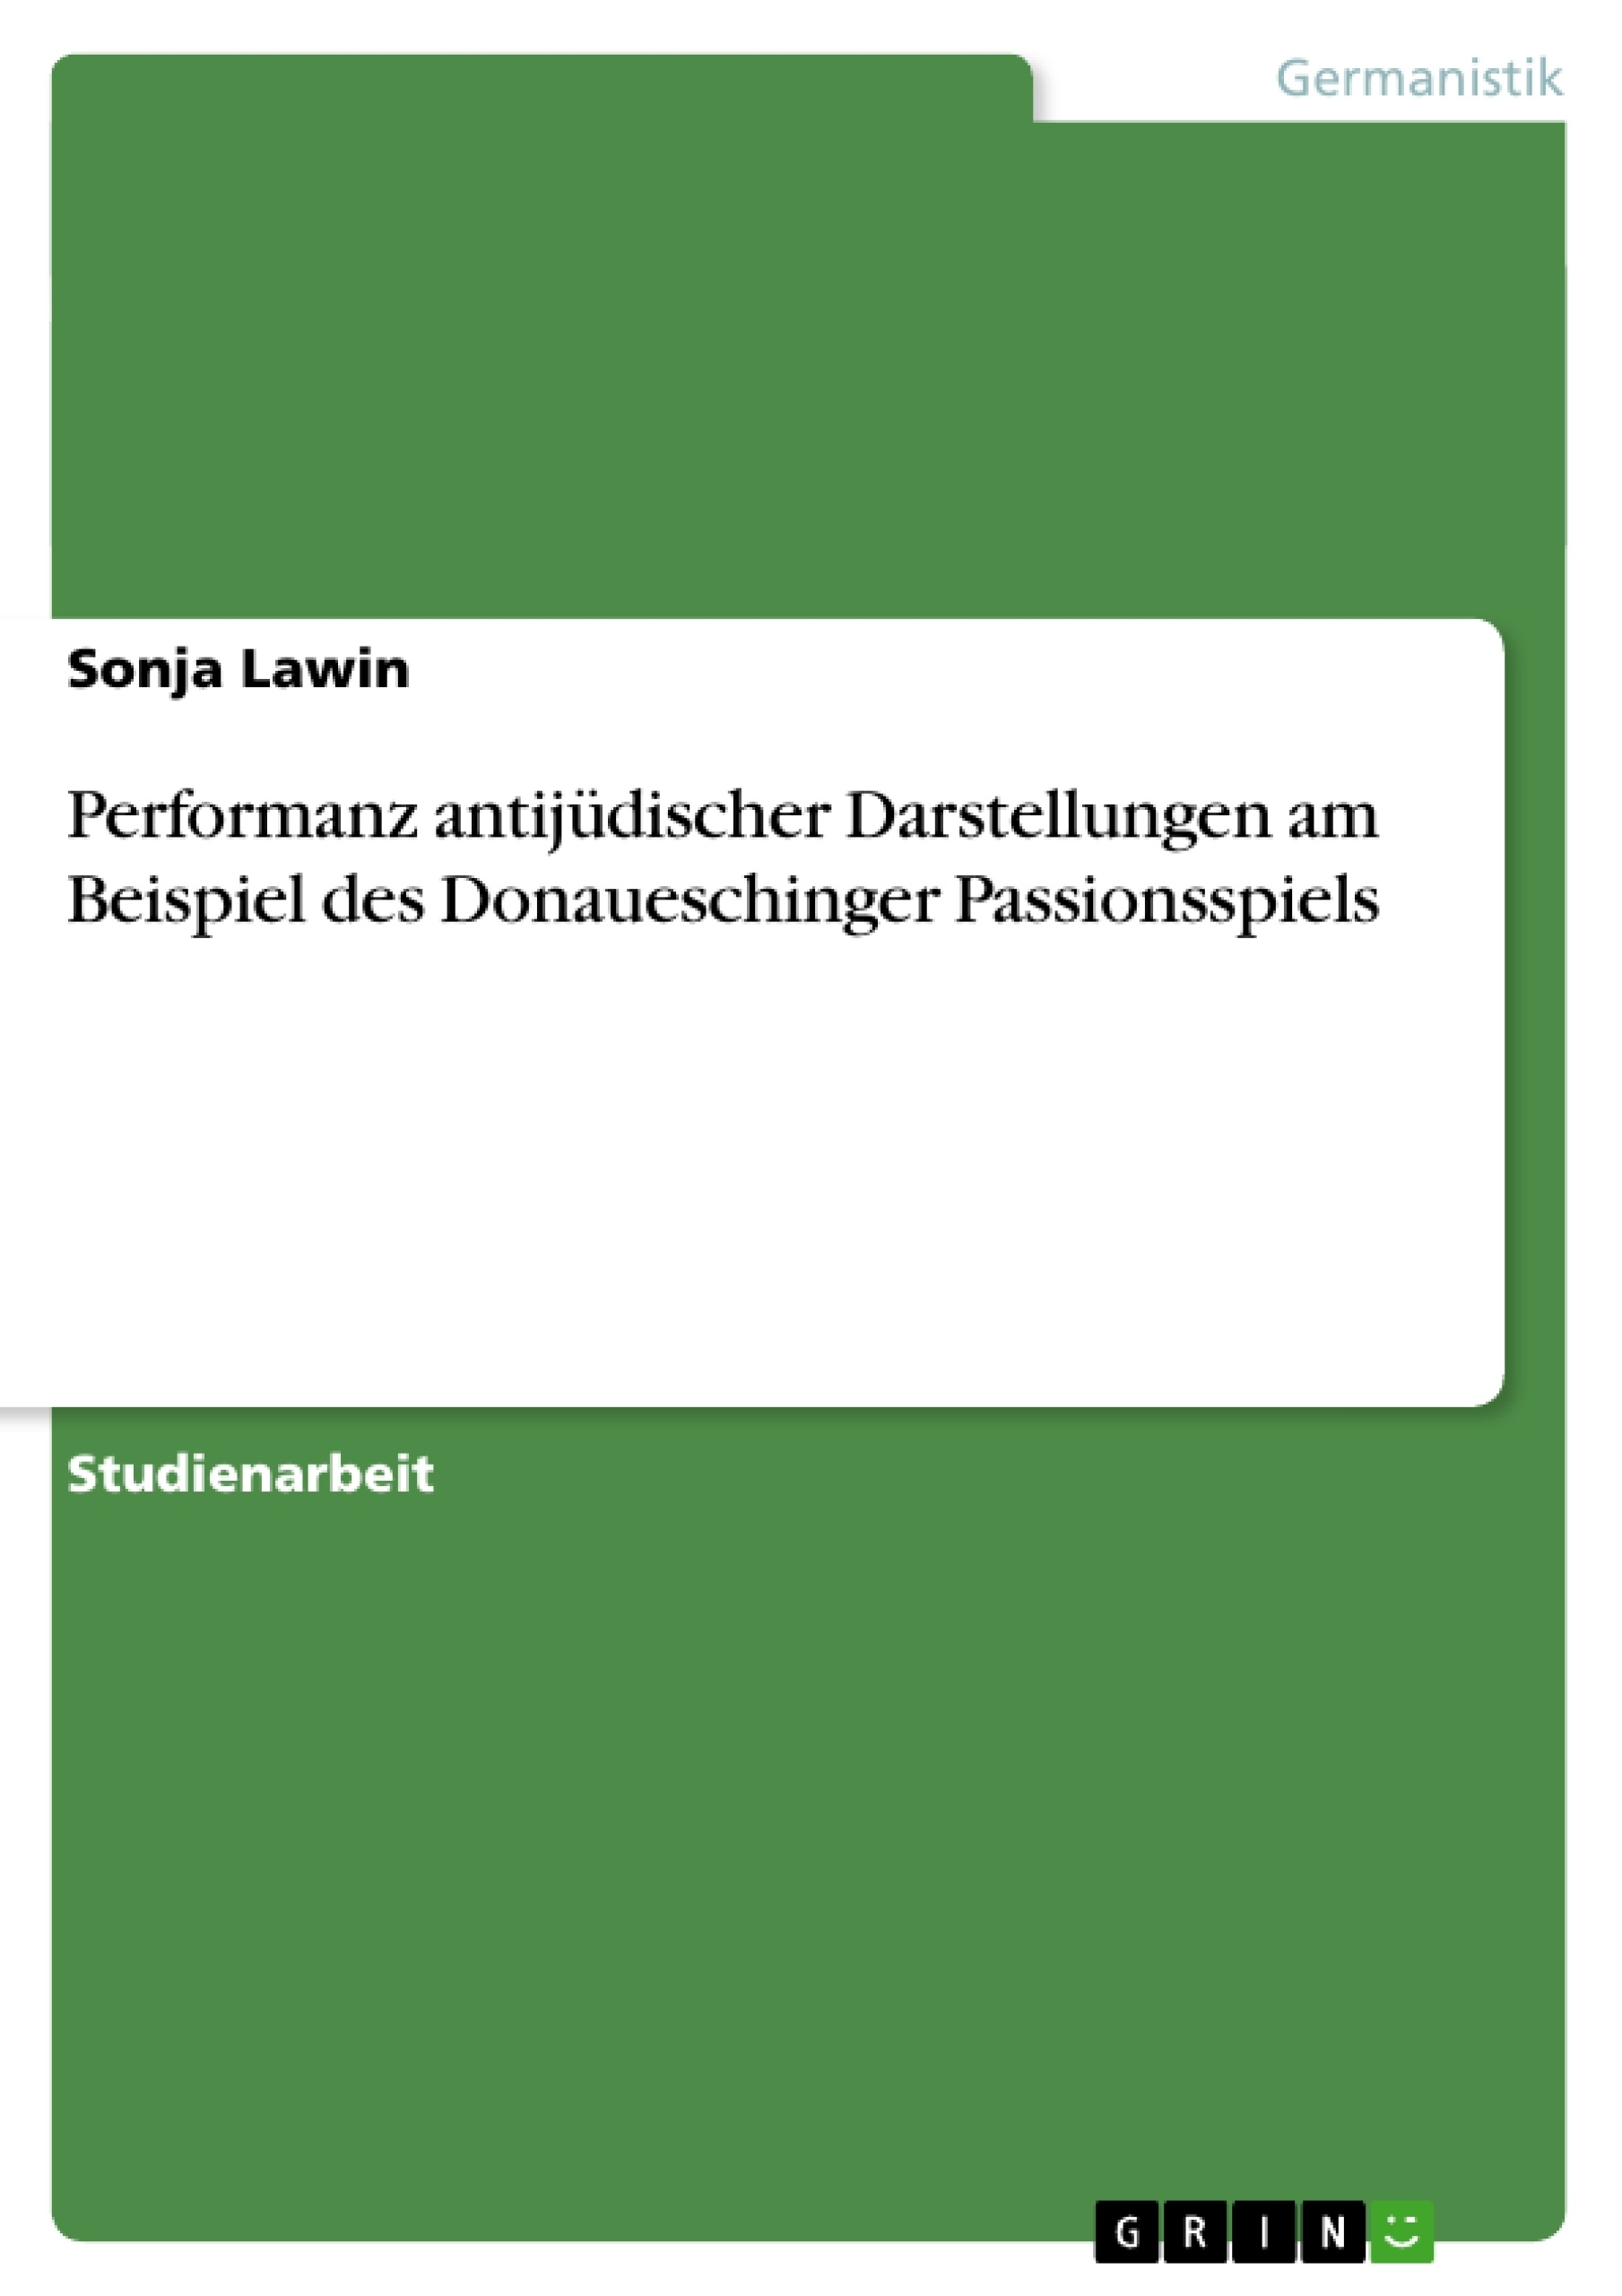 Titel: Performanz antijüdischer Darstellungen am Beispiel des Donaueschinger Passionsspiels